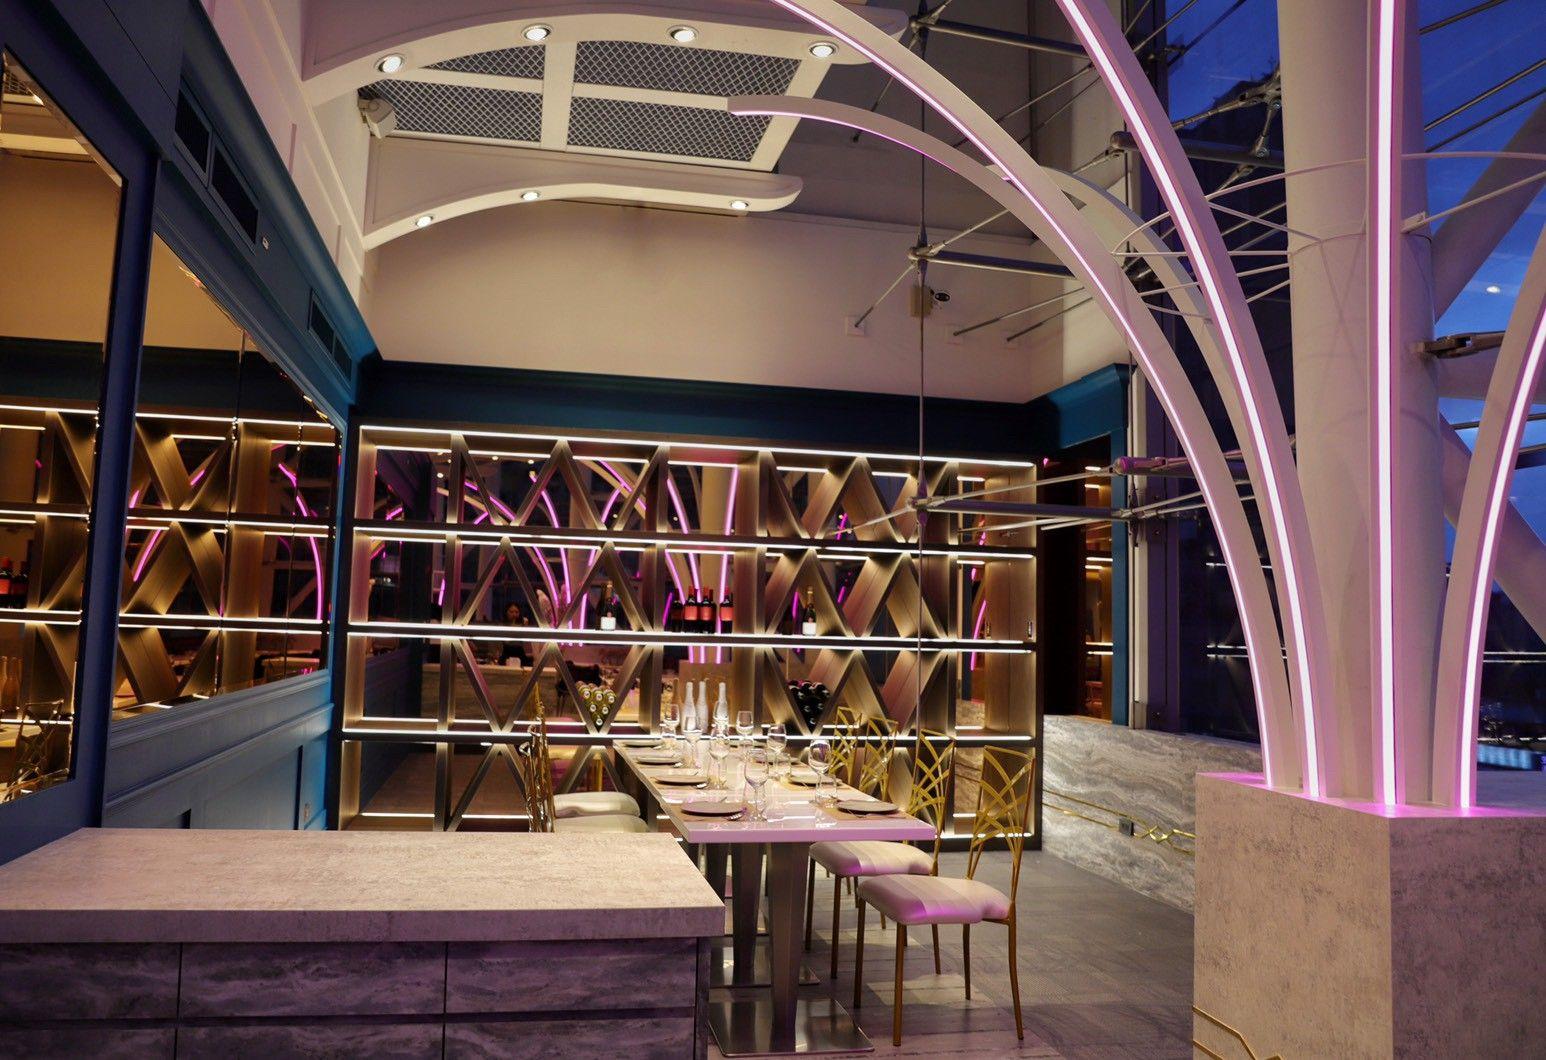 維多麗亞酒店新品牌「Rhapsody 狂想曲 Café & Bistro」落腳台北東區,無論日夜皆可享受奢華餐飲體驗